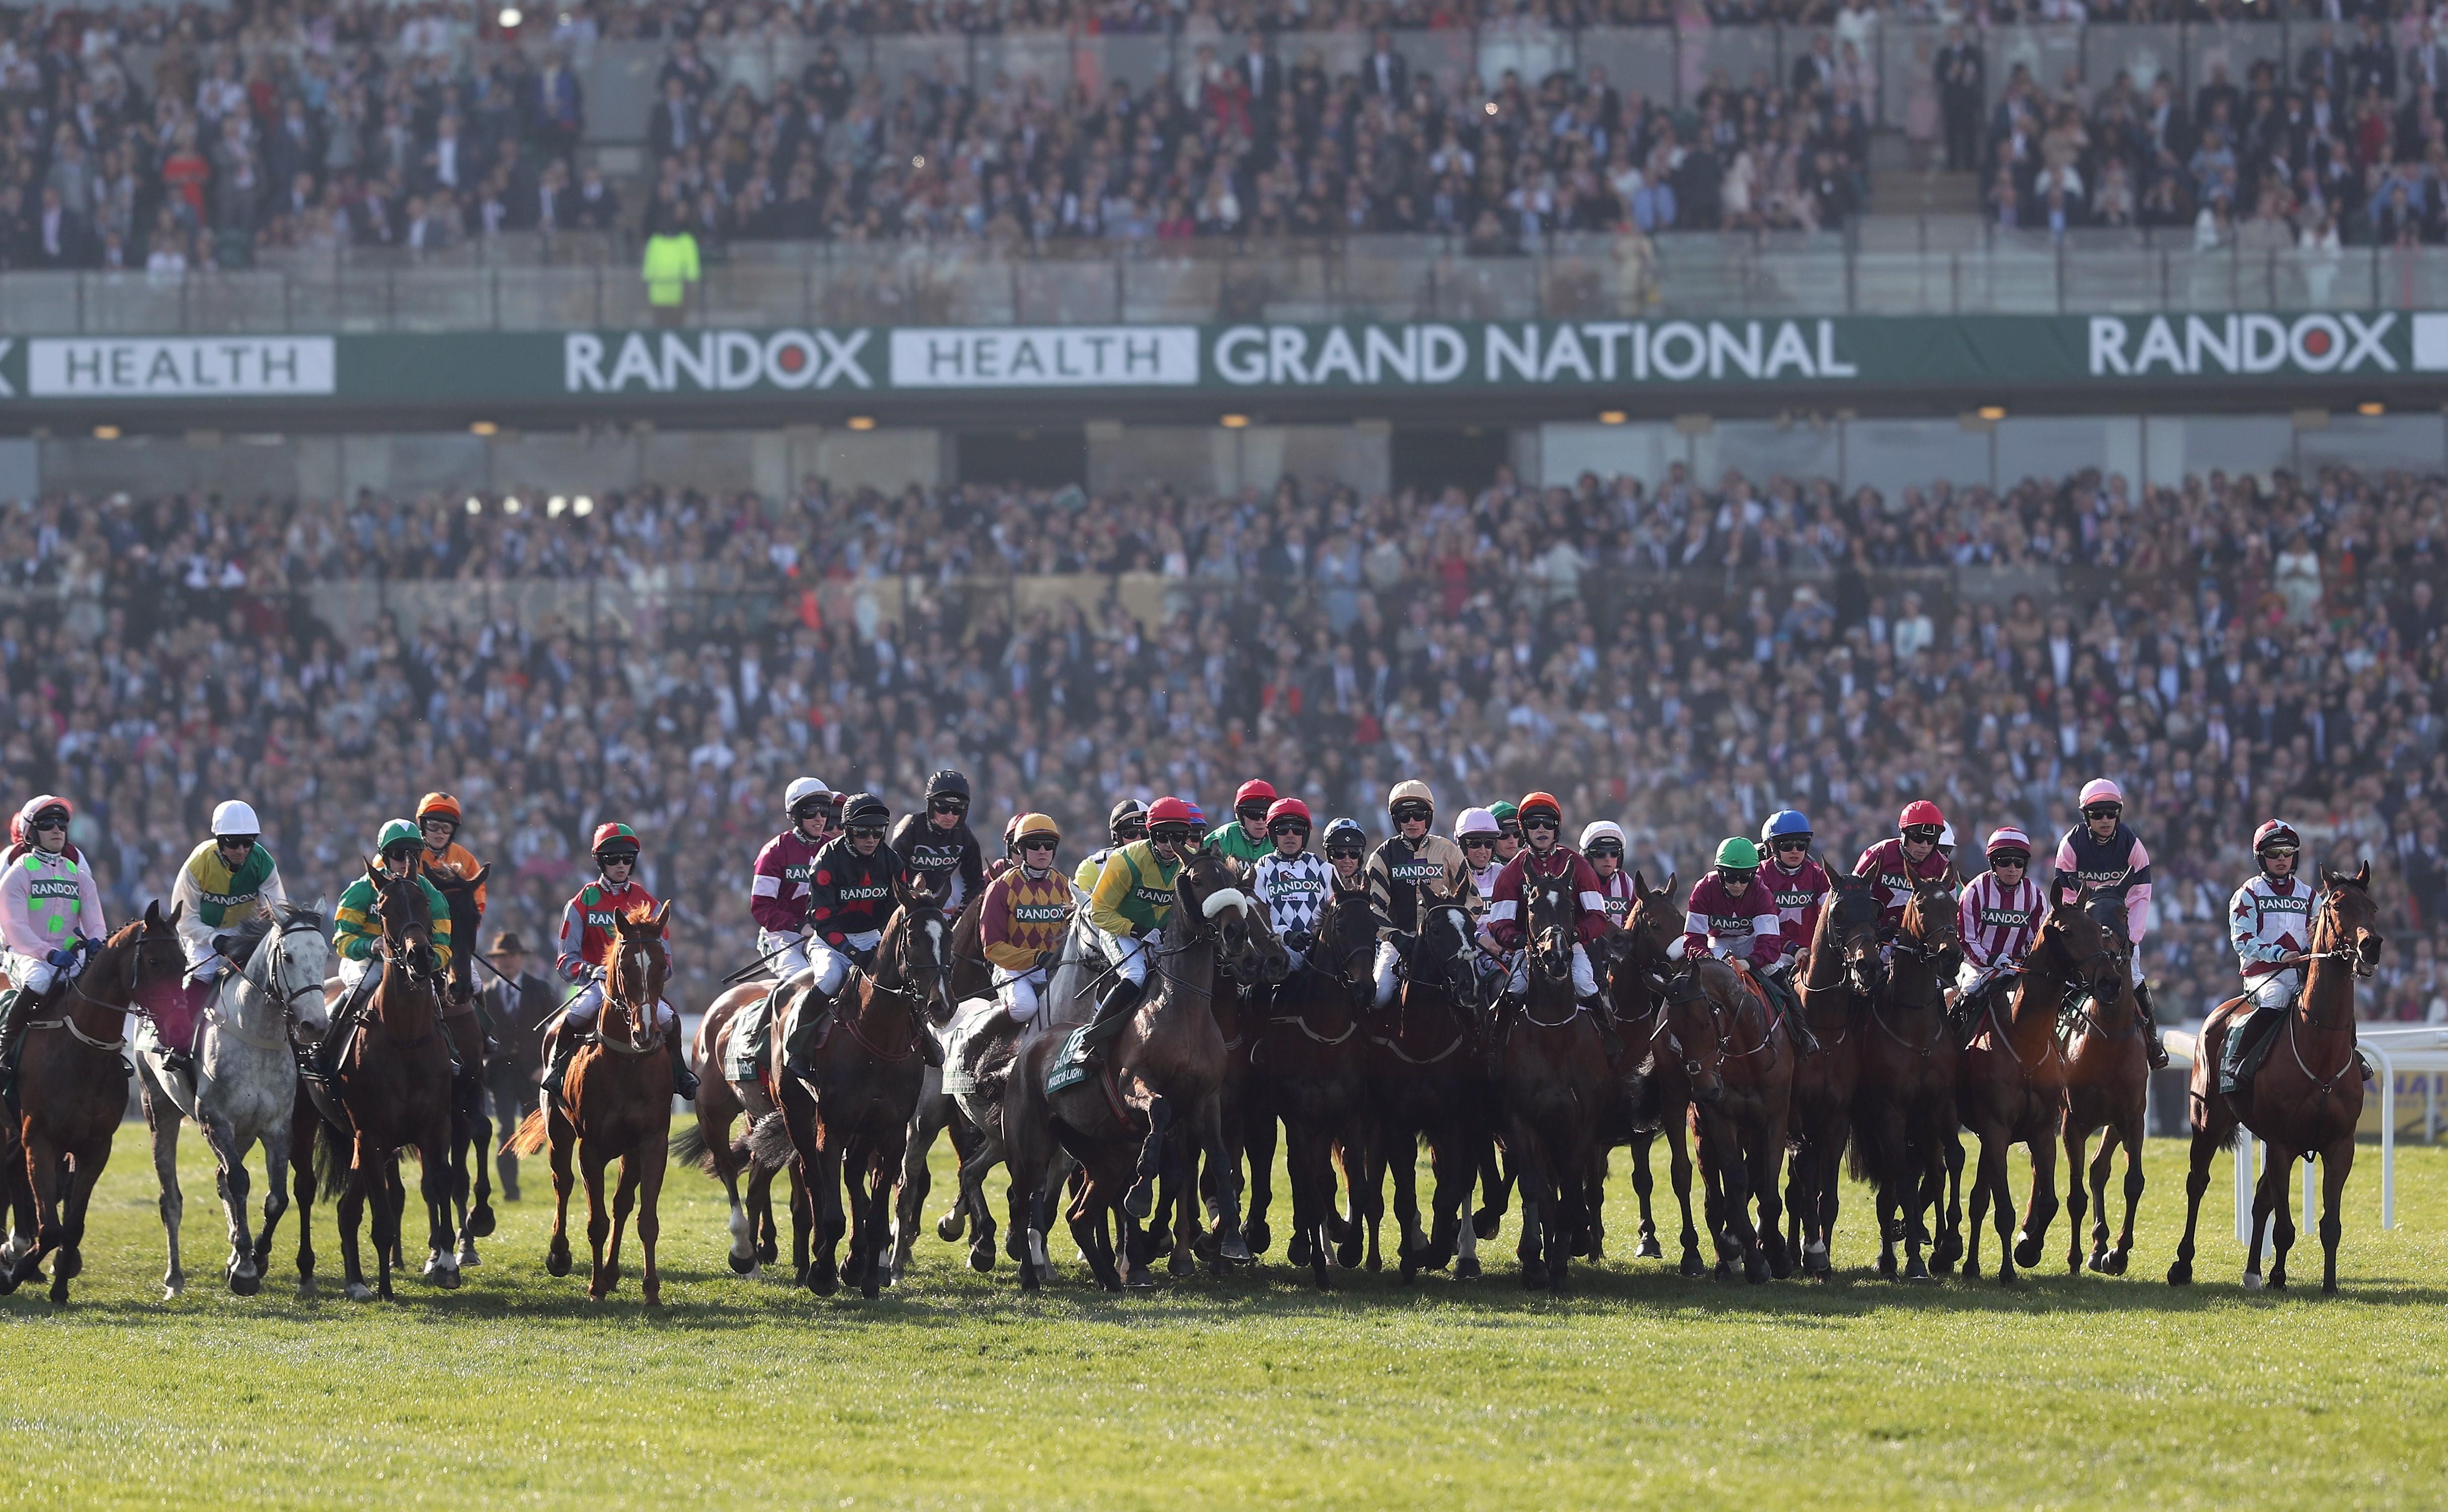 Grand National 2019'da atlar start almayı bekliyor (Bu görsel The Jockey Club'ın izniyle kullanılmıştır)